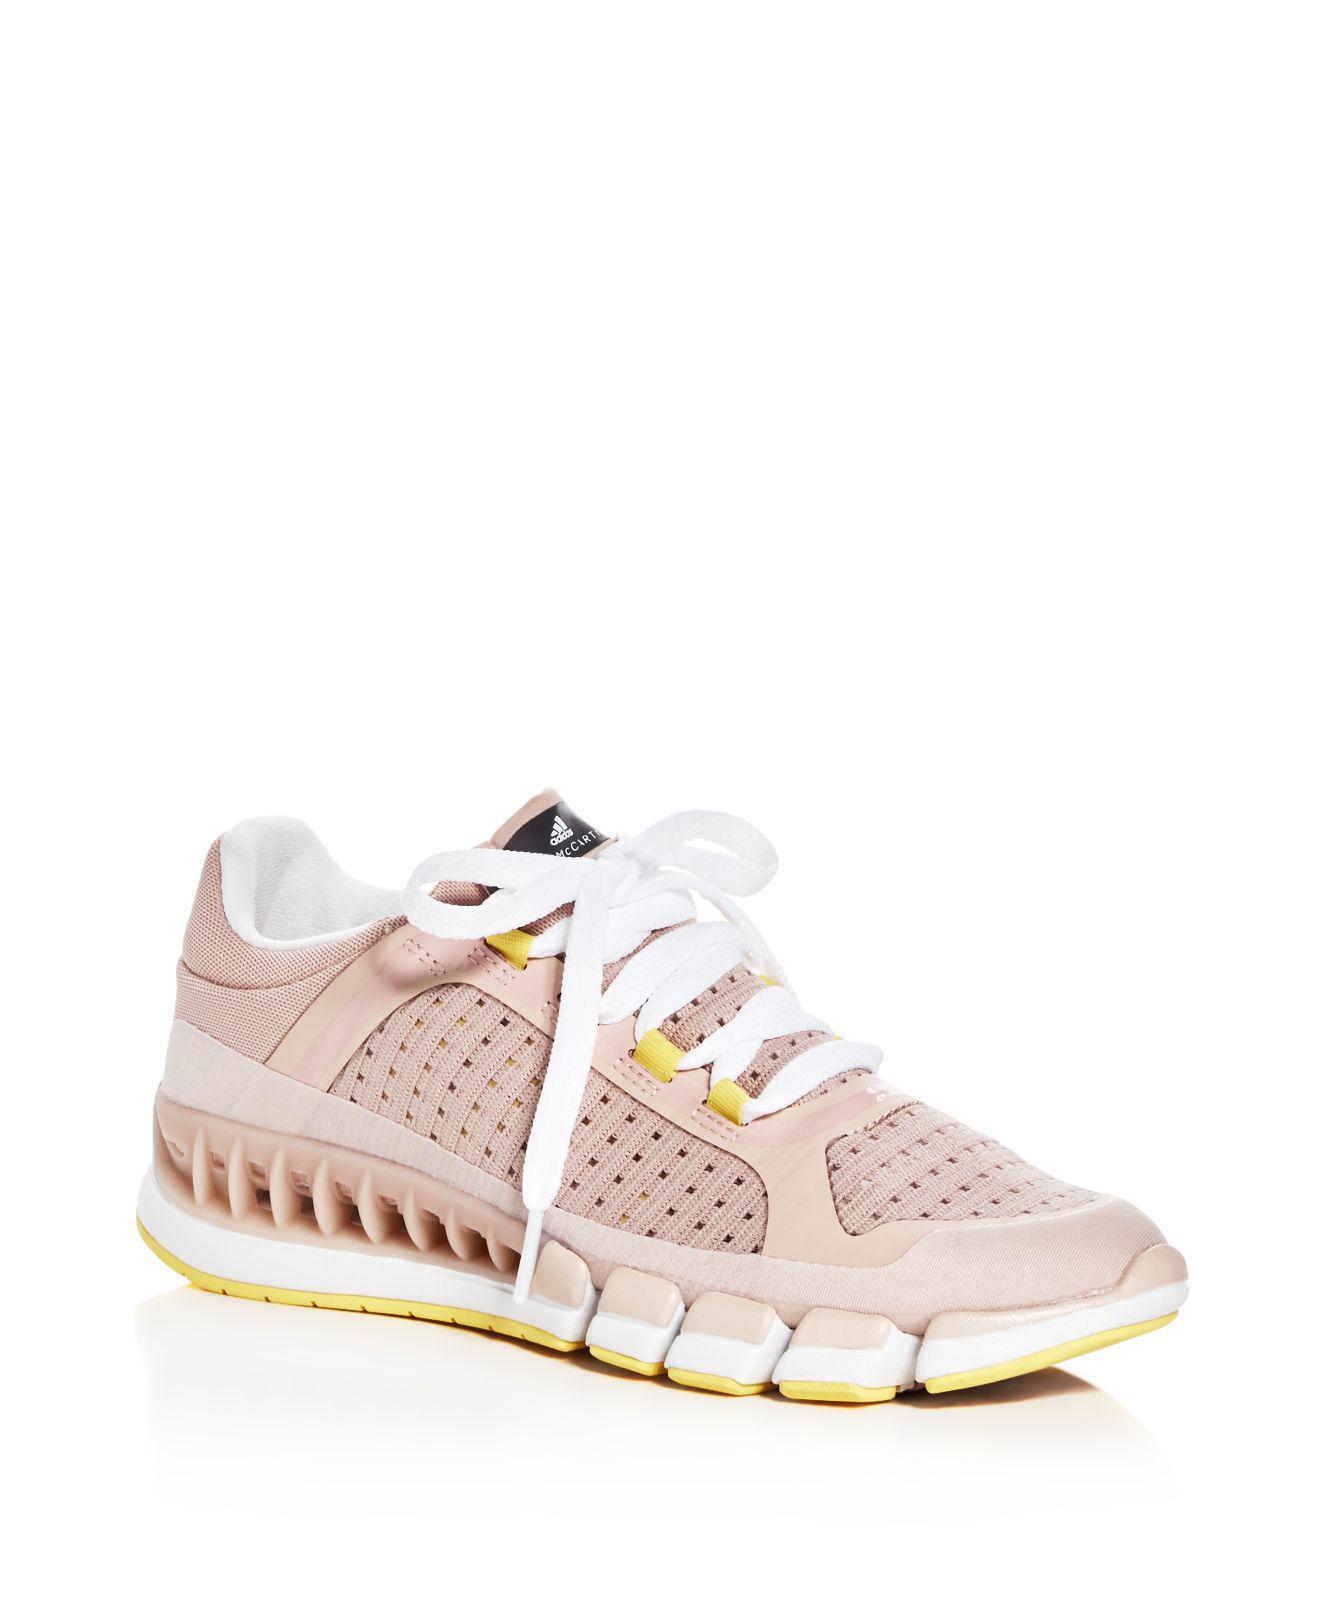 Running Shoes At Tj Maxx